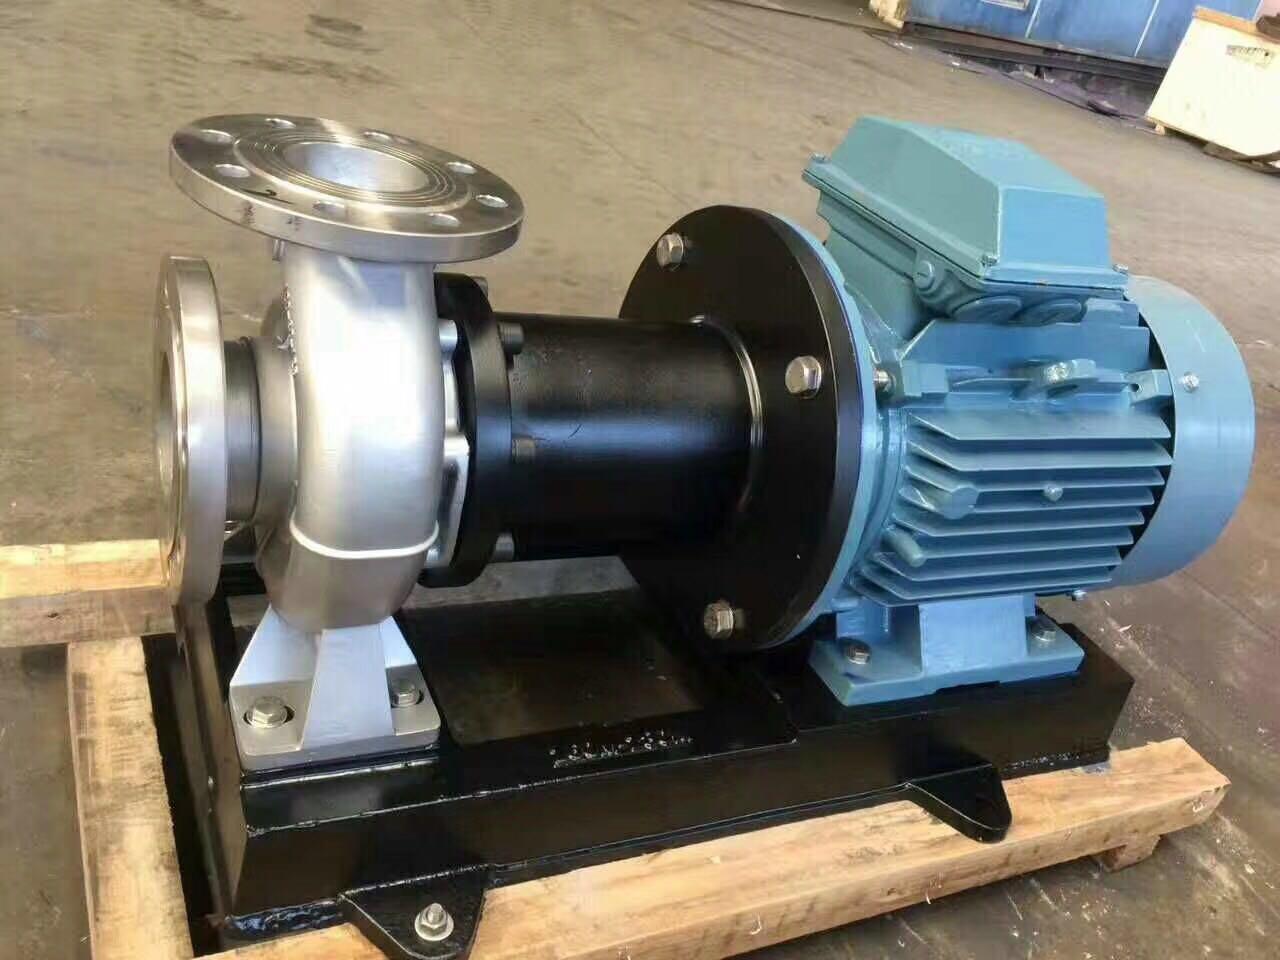 阿勒泰氟塑料化工泵价格-新域达机电设备经销部供应报价合理的新疆化工泵